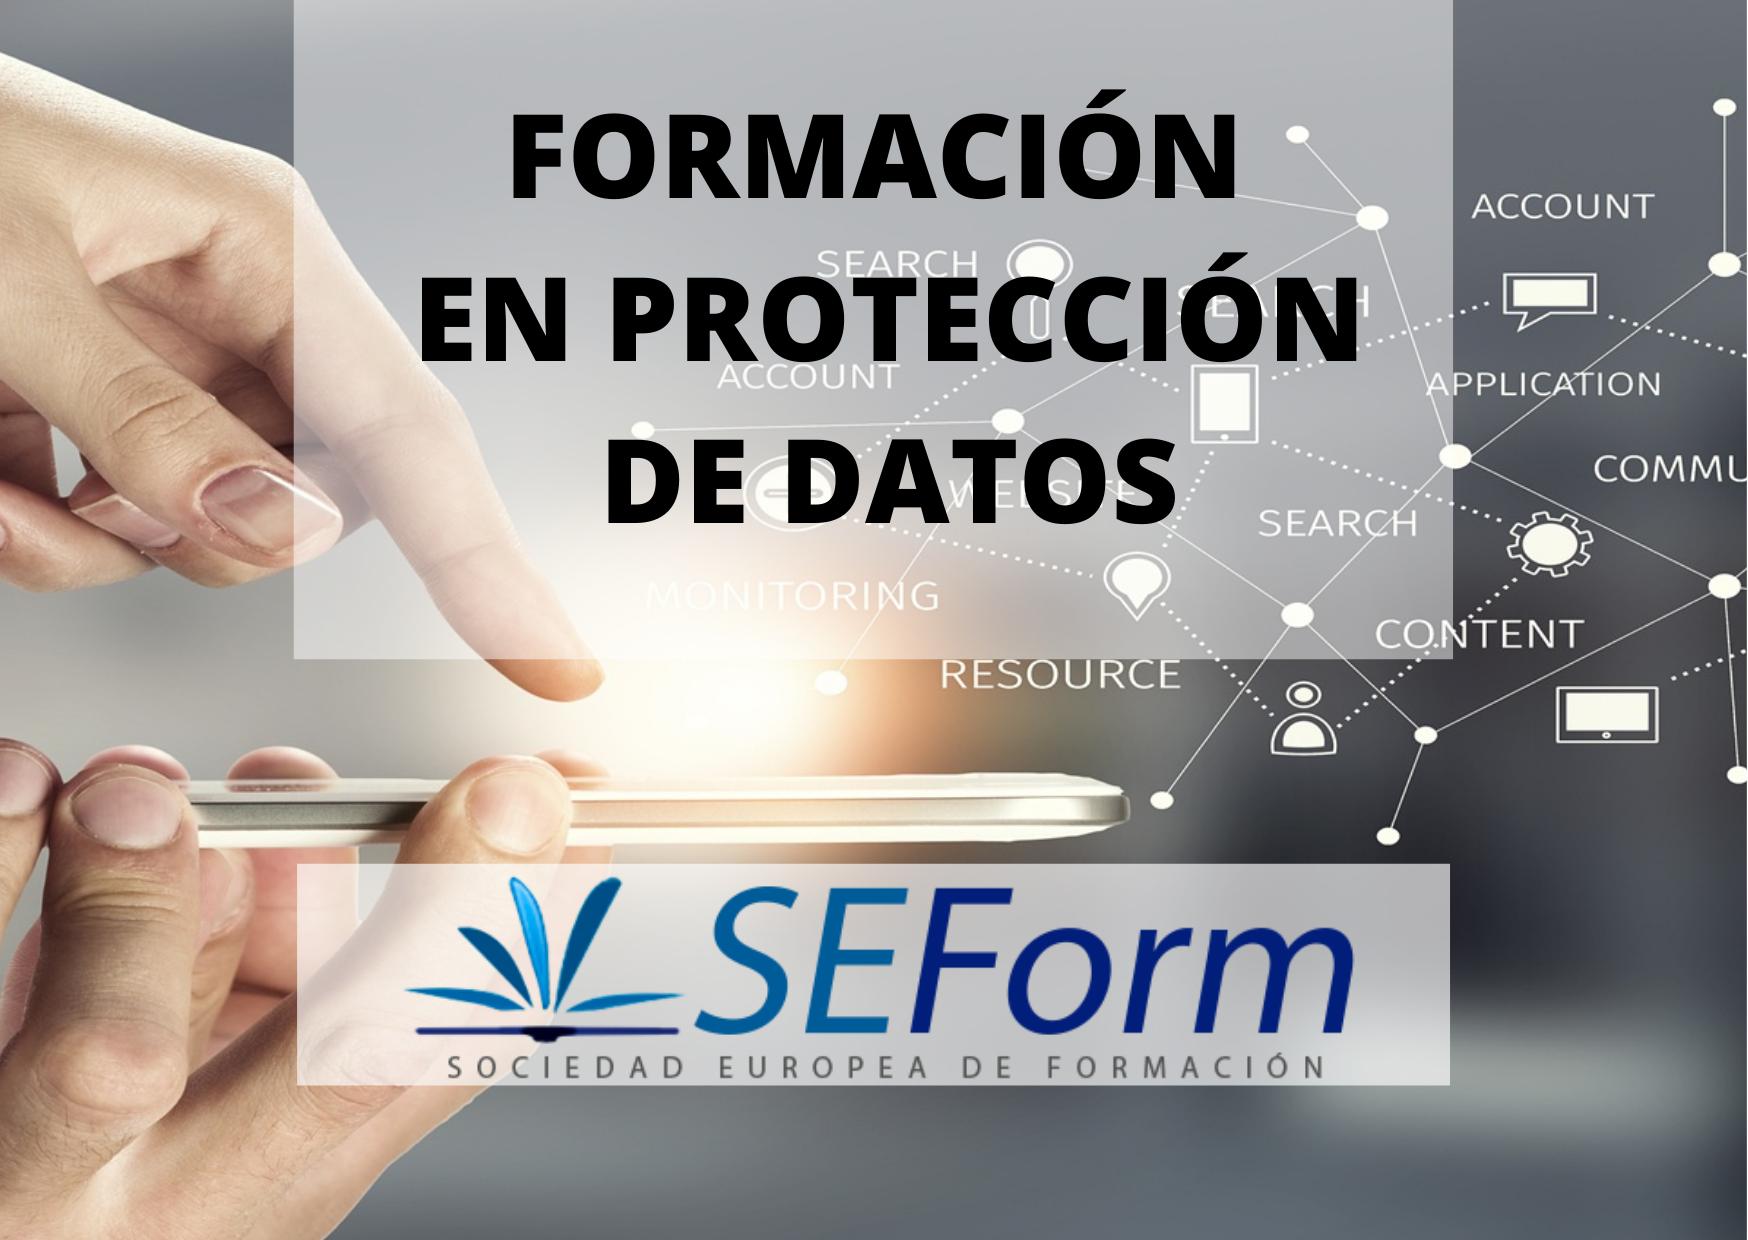 FORMACIÓN EN PROTECCIÓN DE DATOS